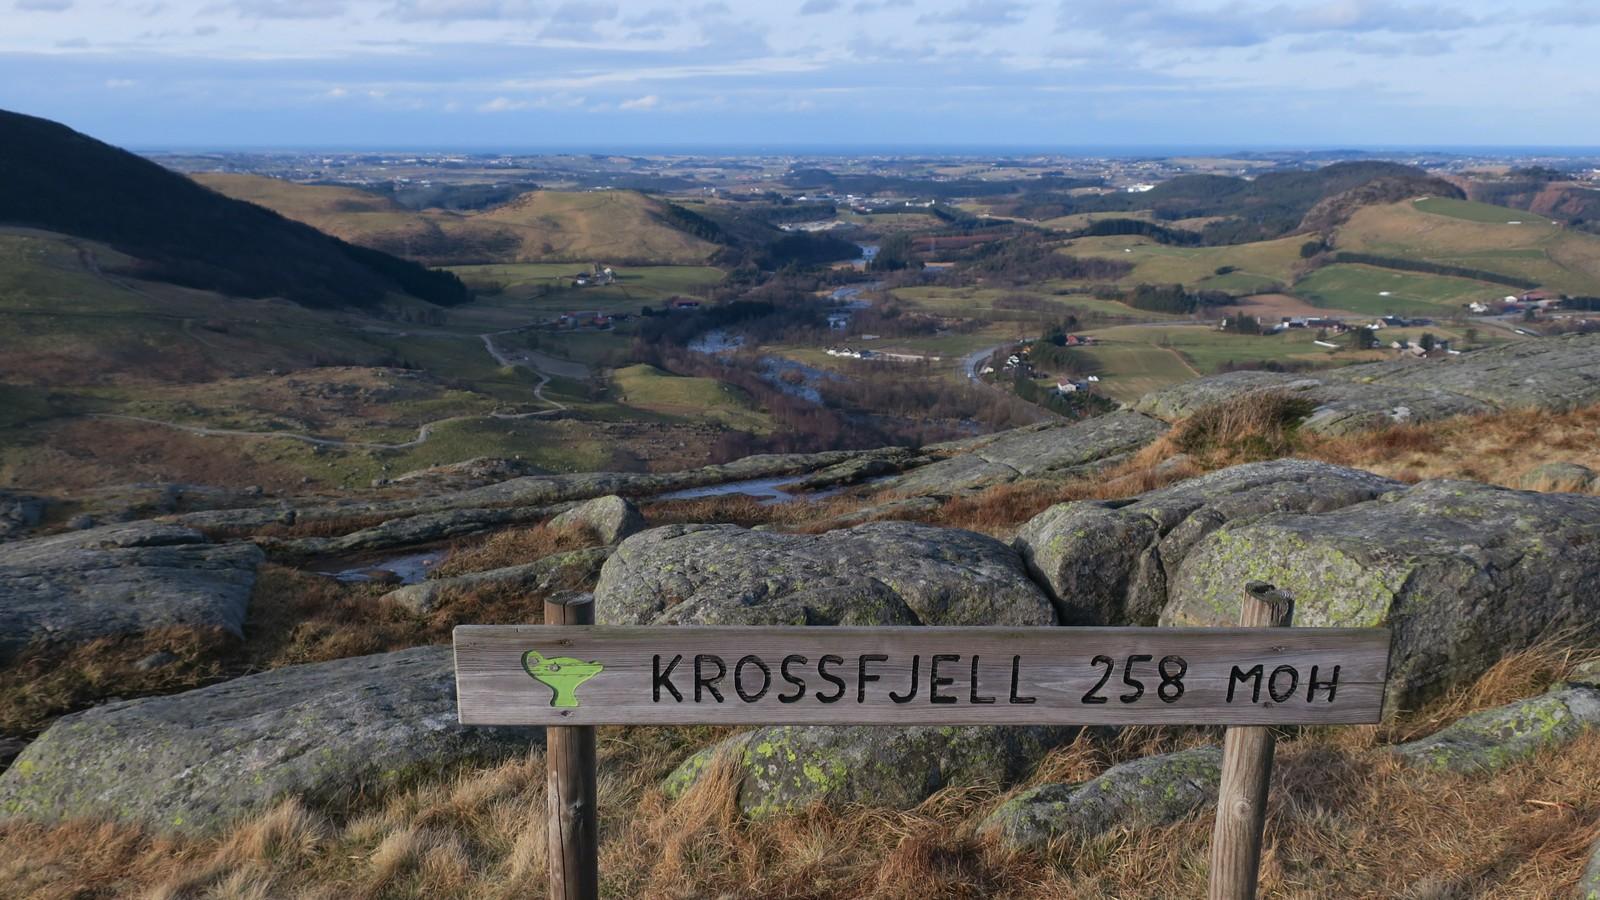 Utsikt fra Krossfjell i Sandnes.